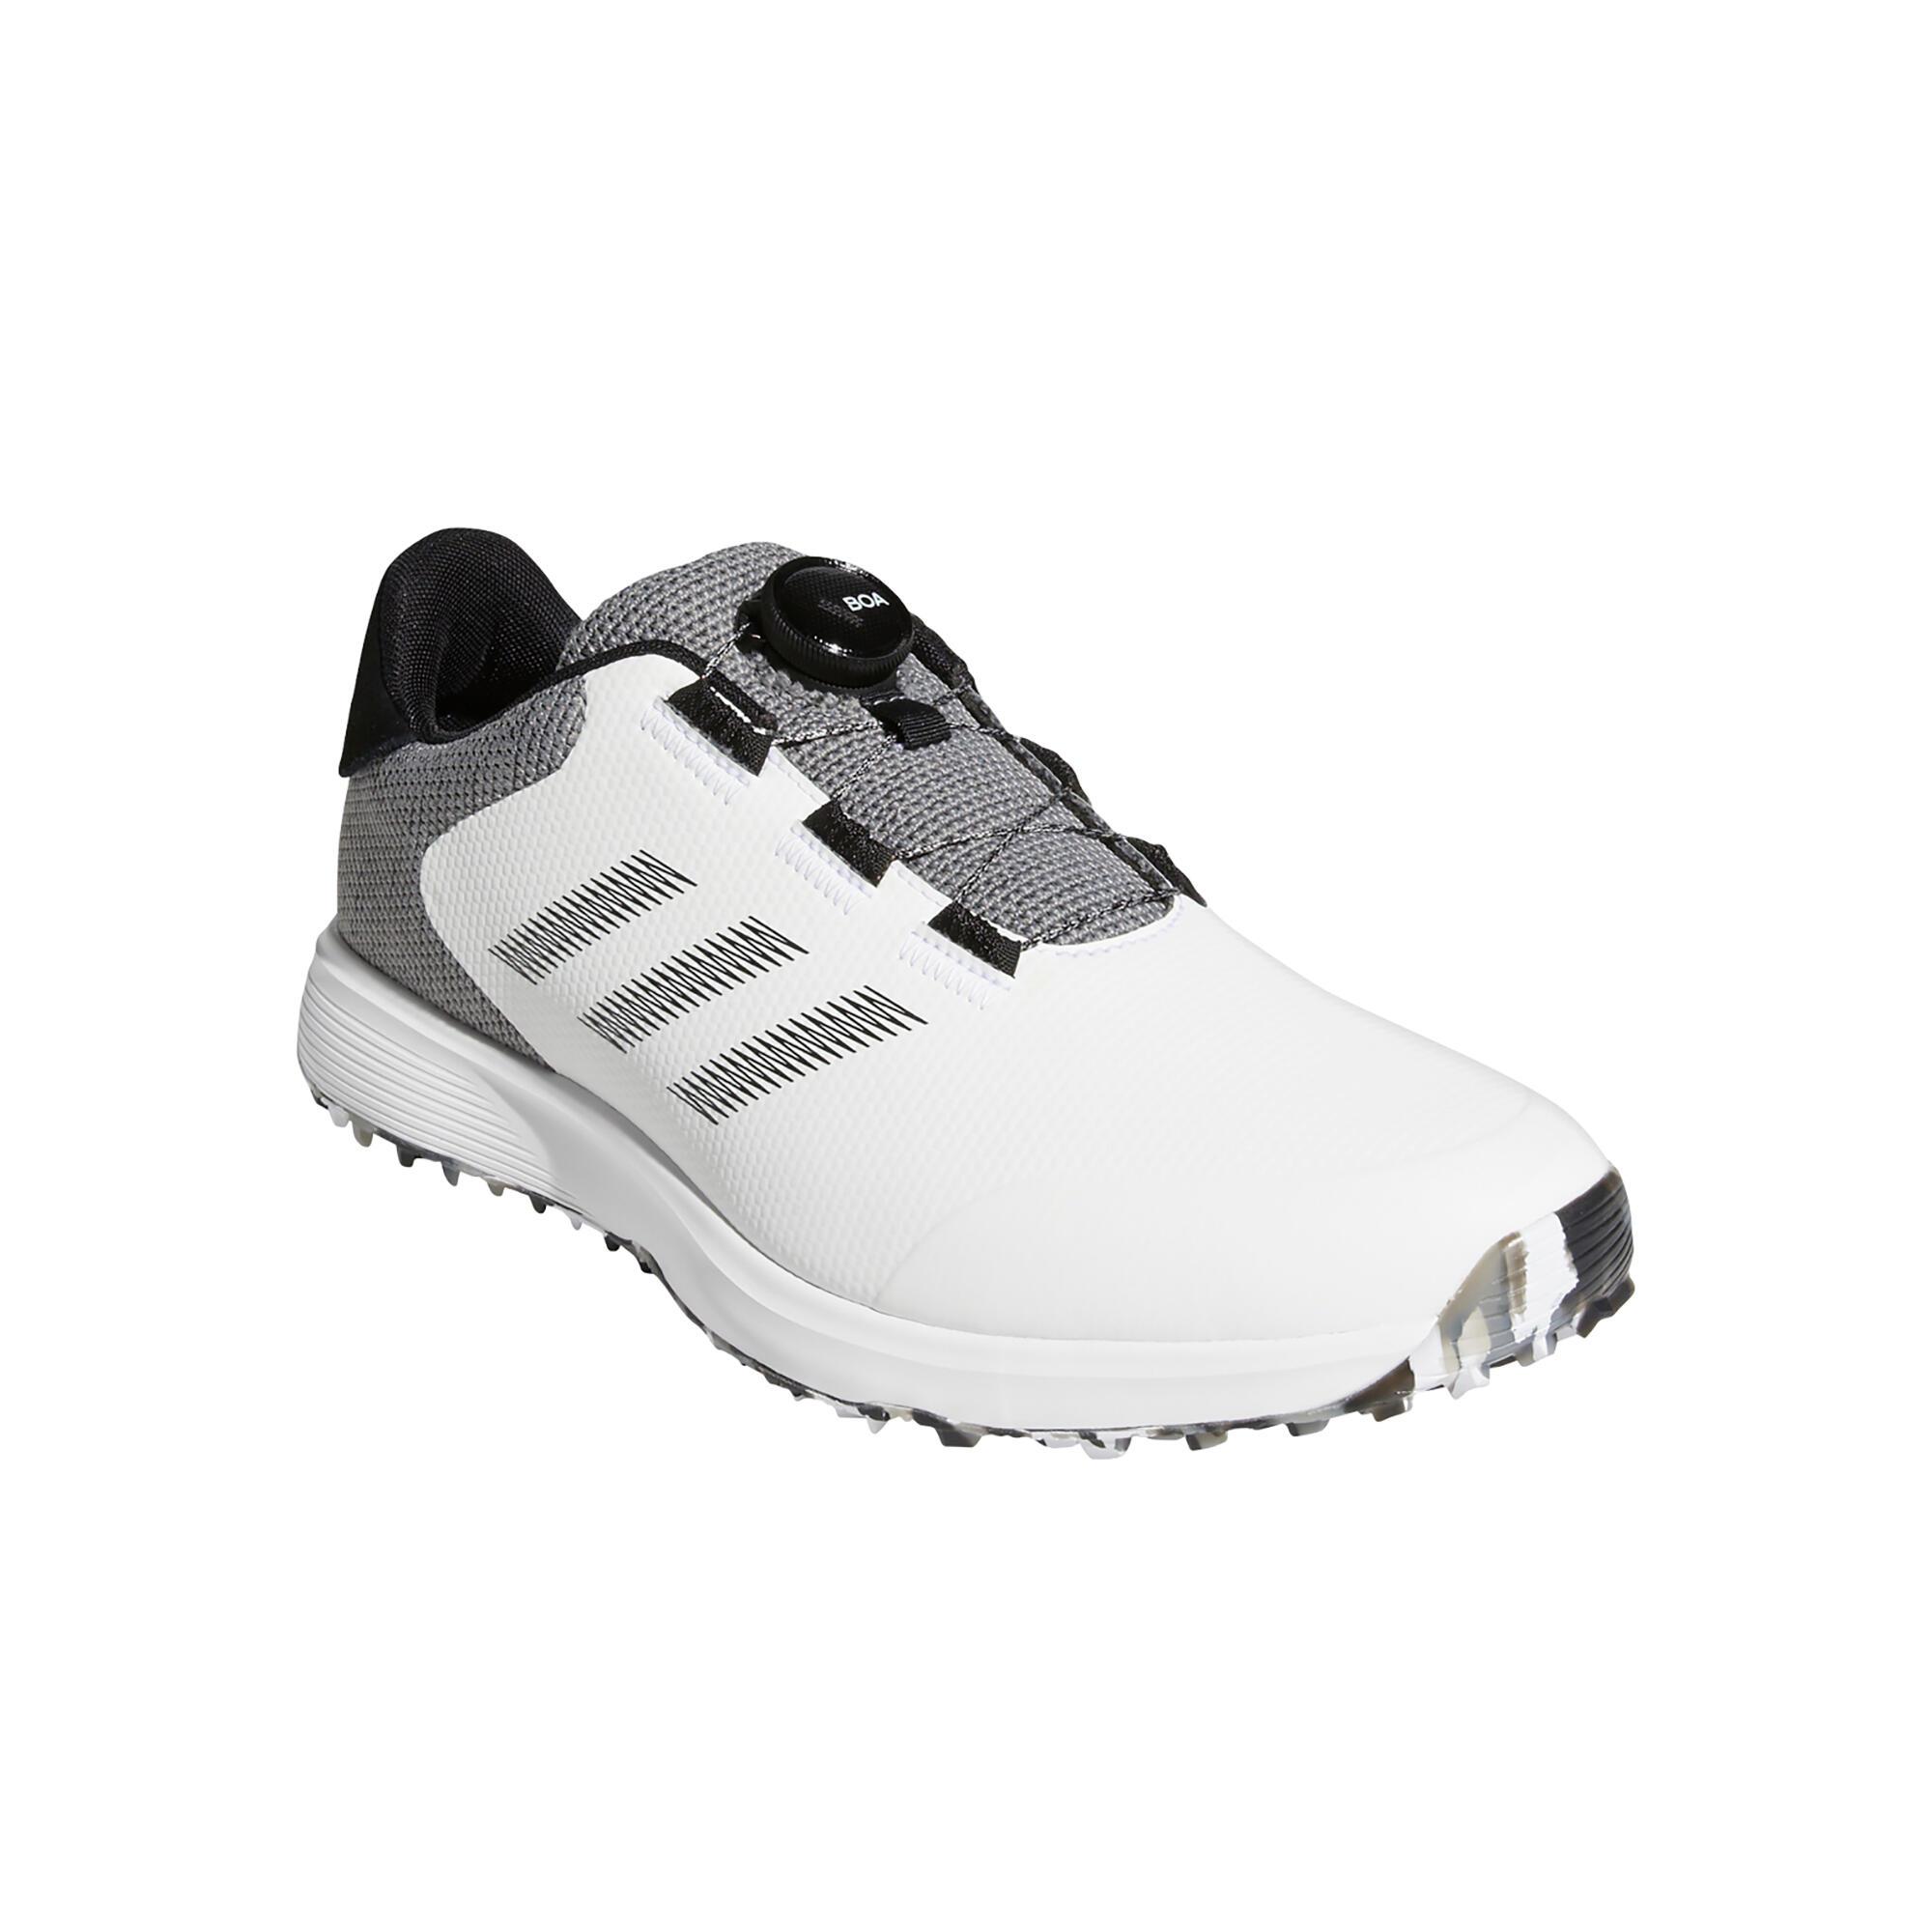 Chaussures de golf imperméables pour homme Adicross Boa blanches et grises